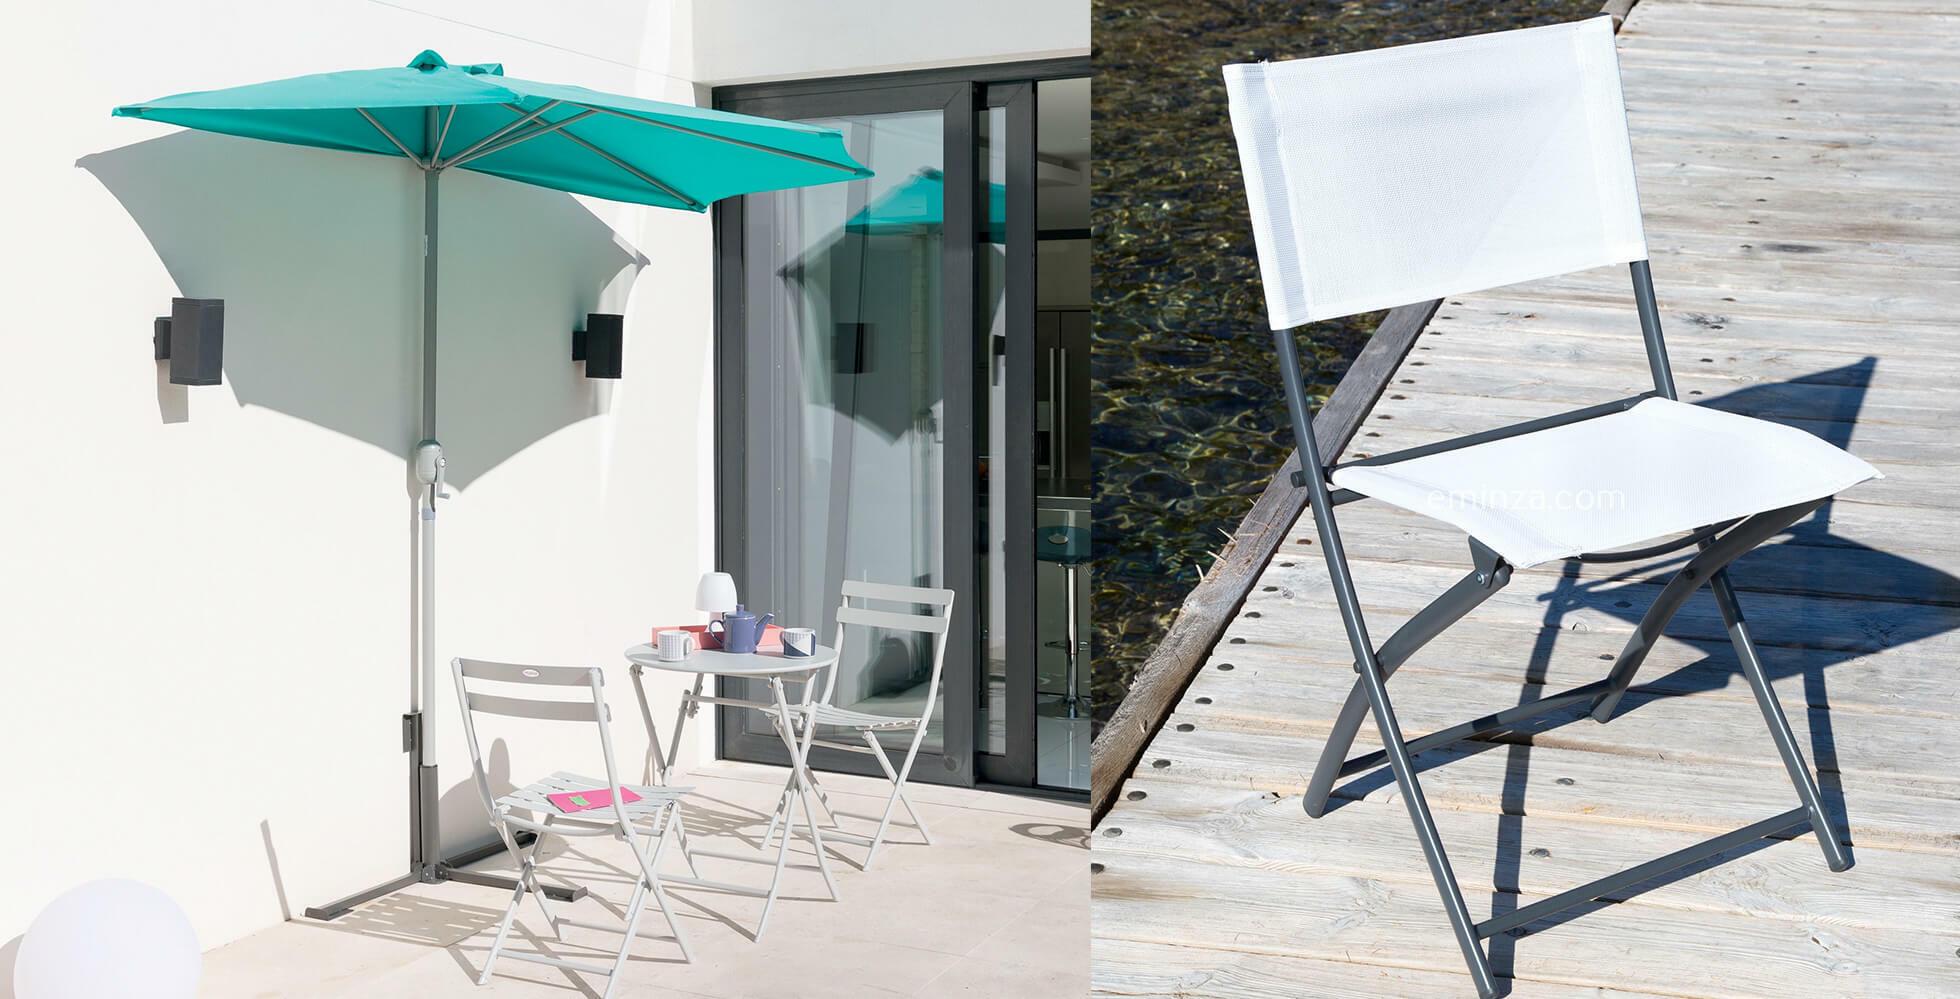 balcon avec parasol demi lune mural et table et chaises d'extérieur